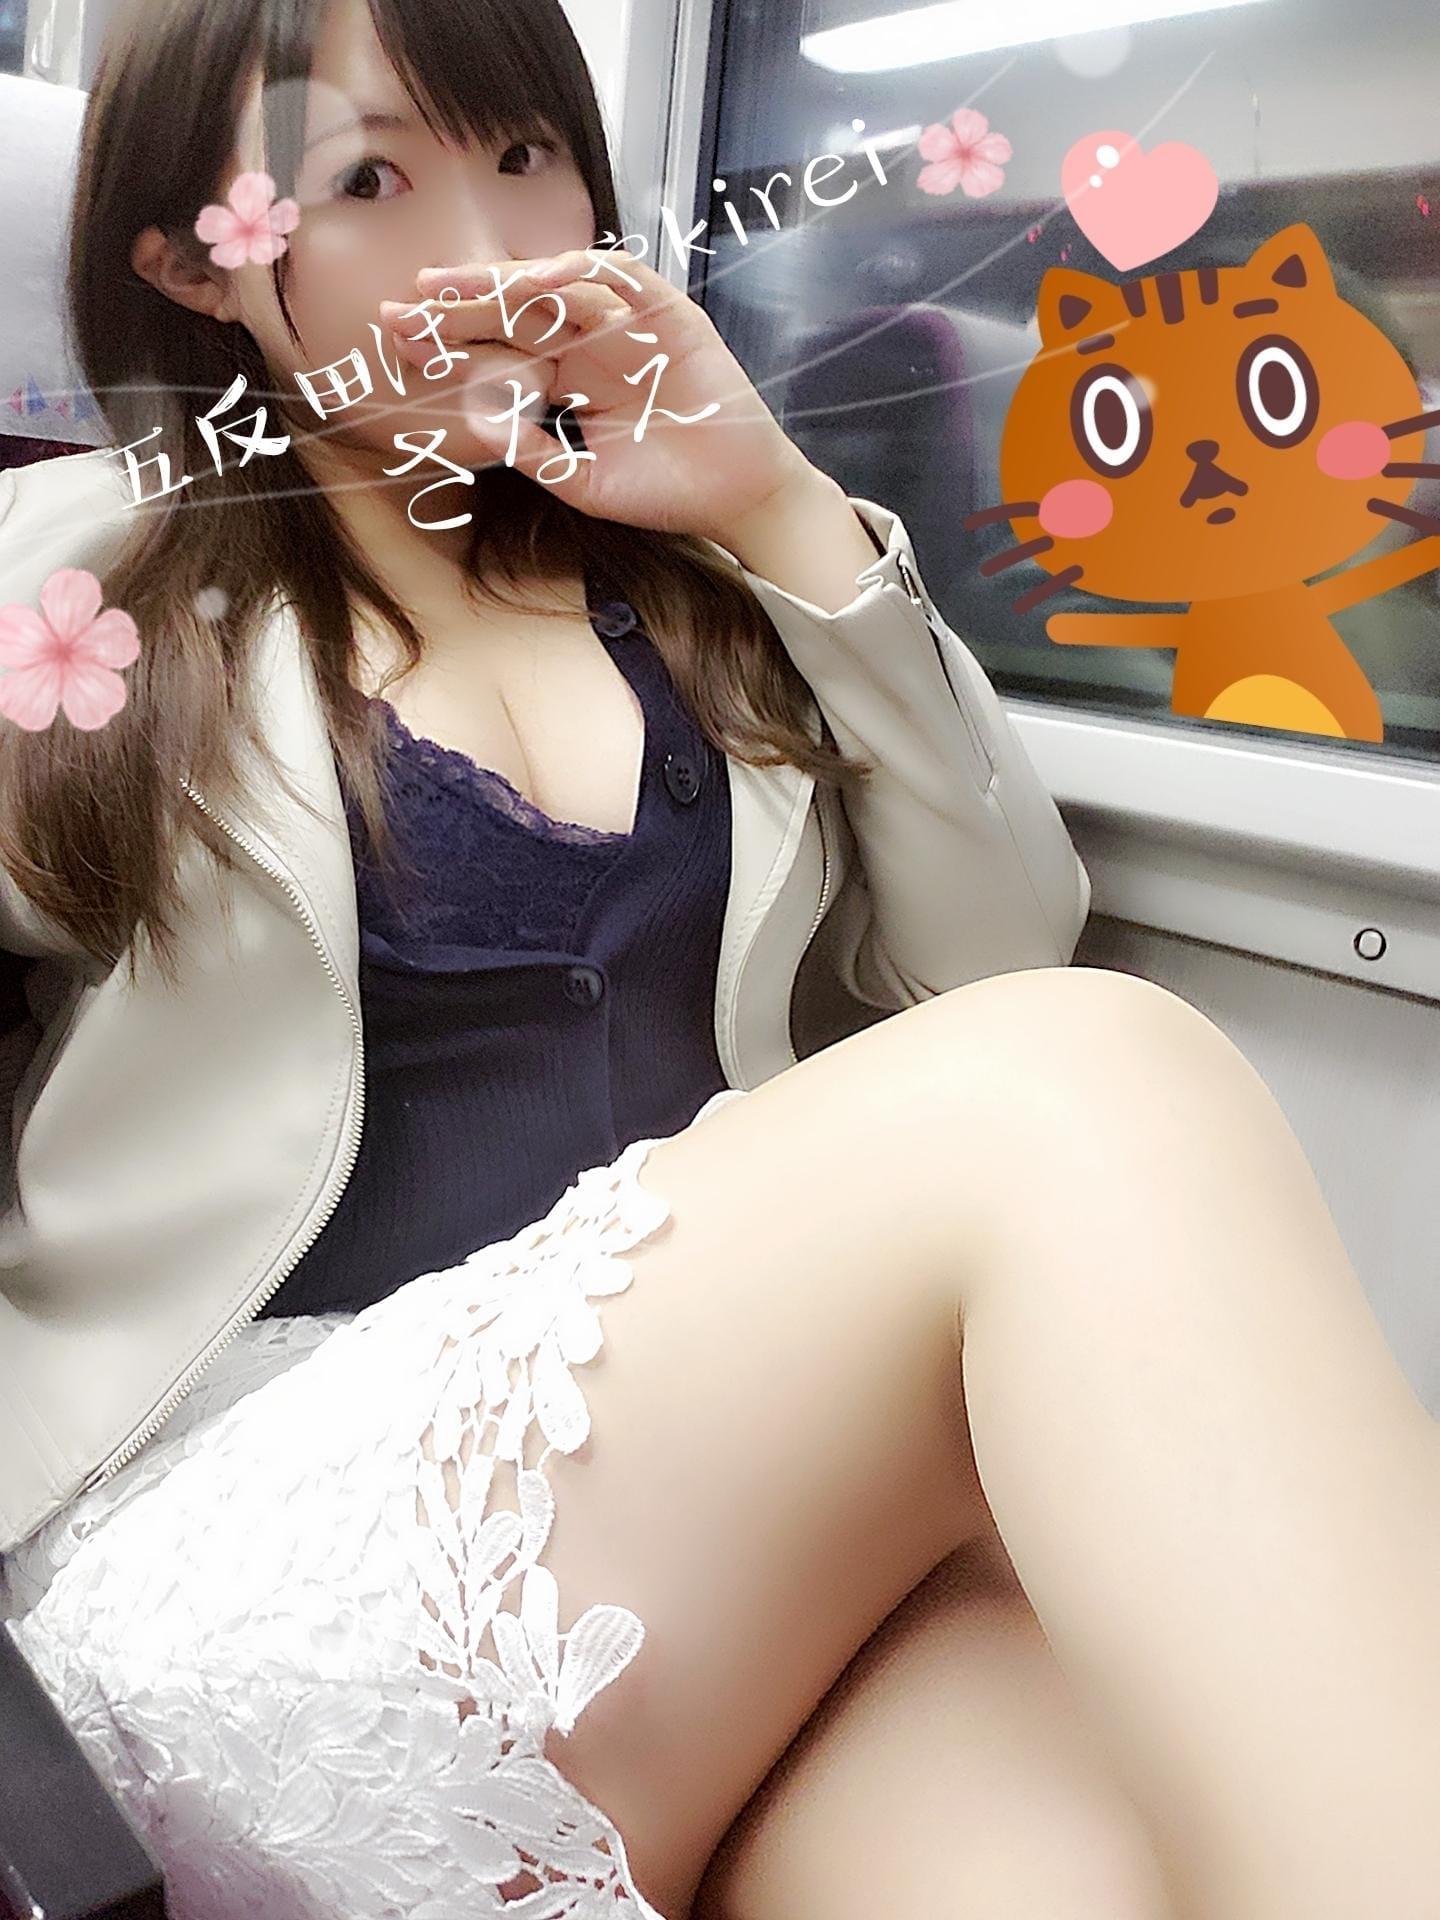 「ただいま(๑•ω•๑)♡」10/15日(月) 20:05 | さなえの写メ・風俗動画